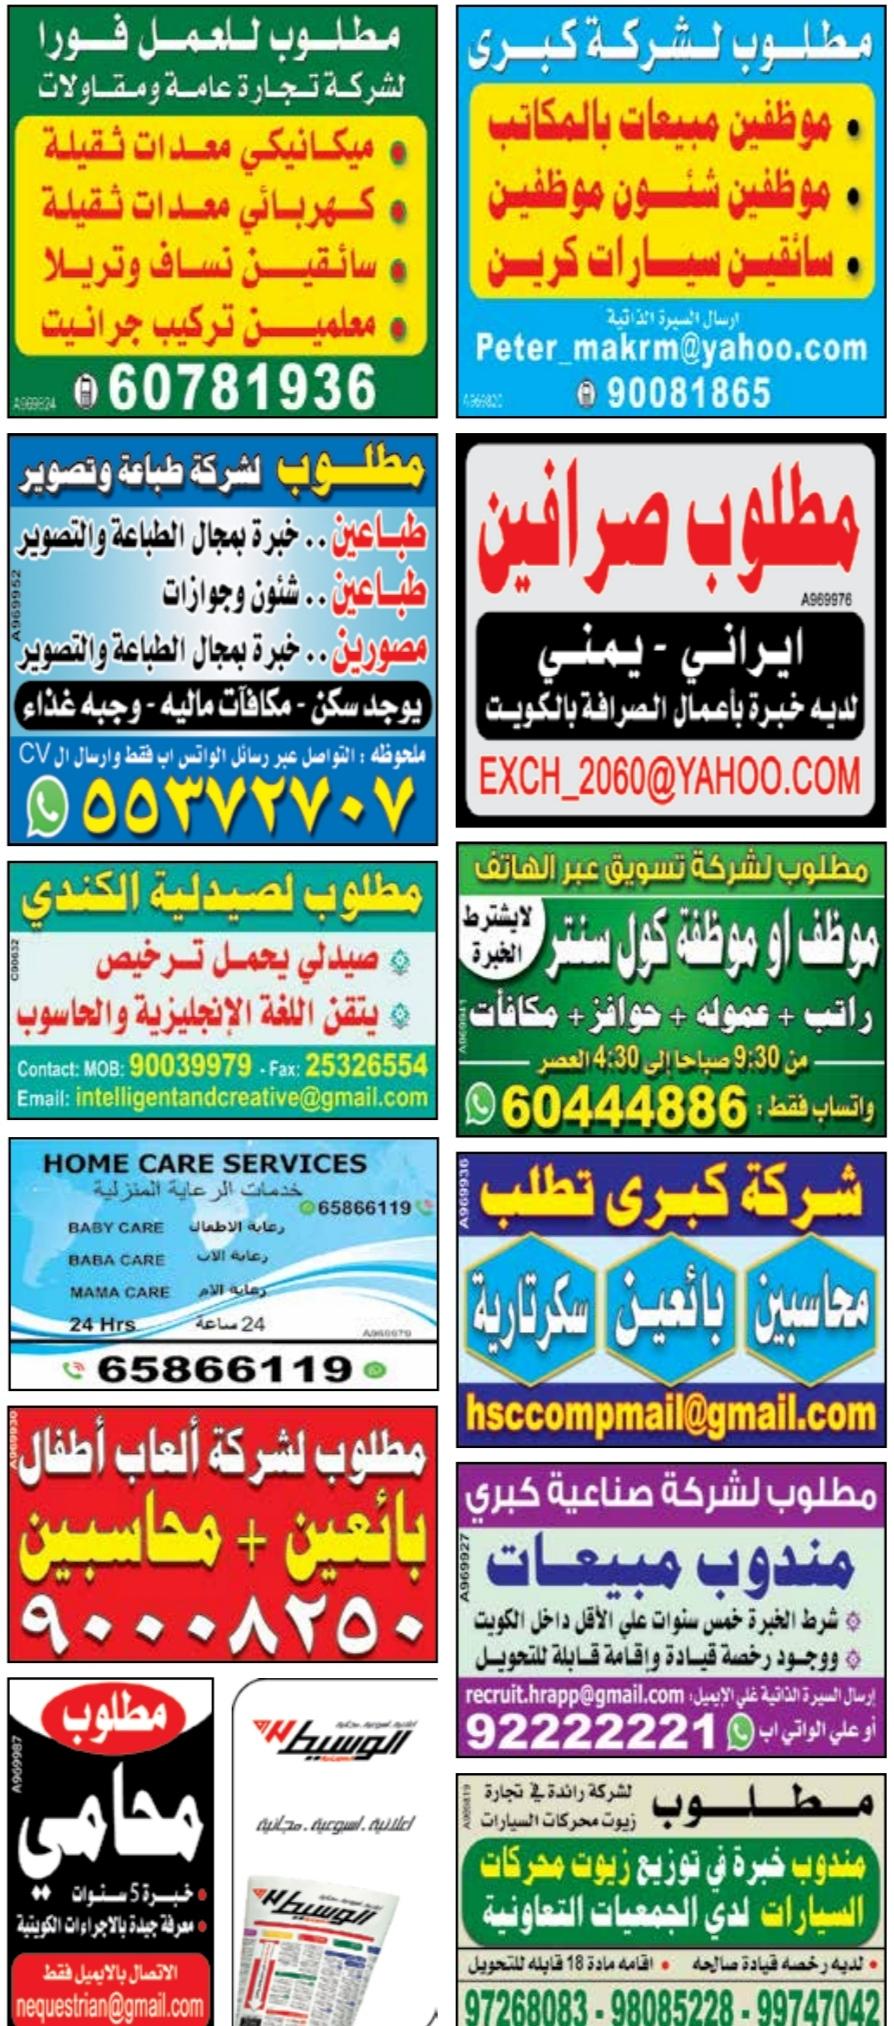 وظائف الوسيط الكويت الجمعة 8/10/2021 3